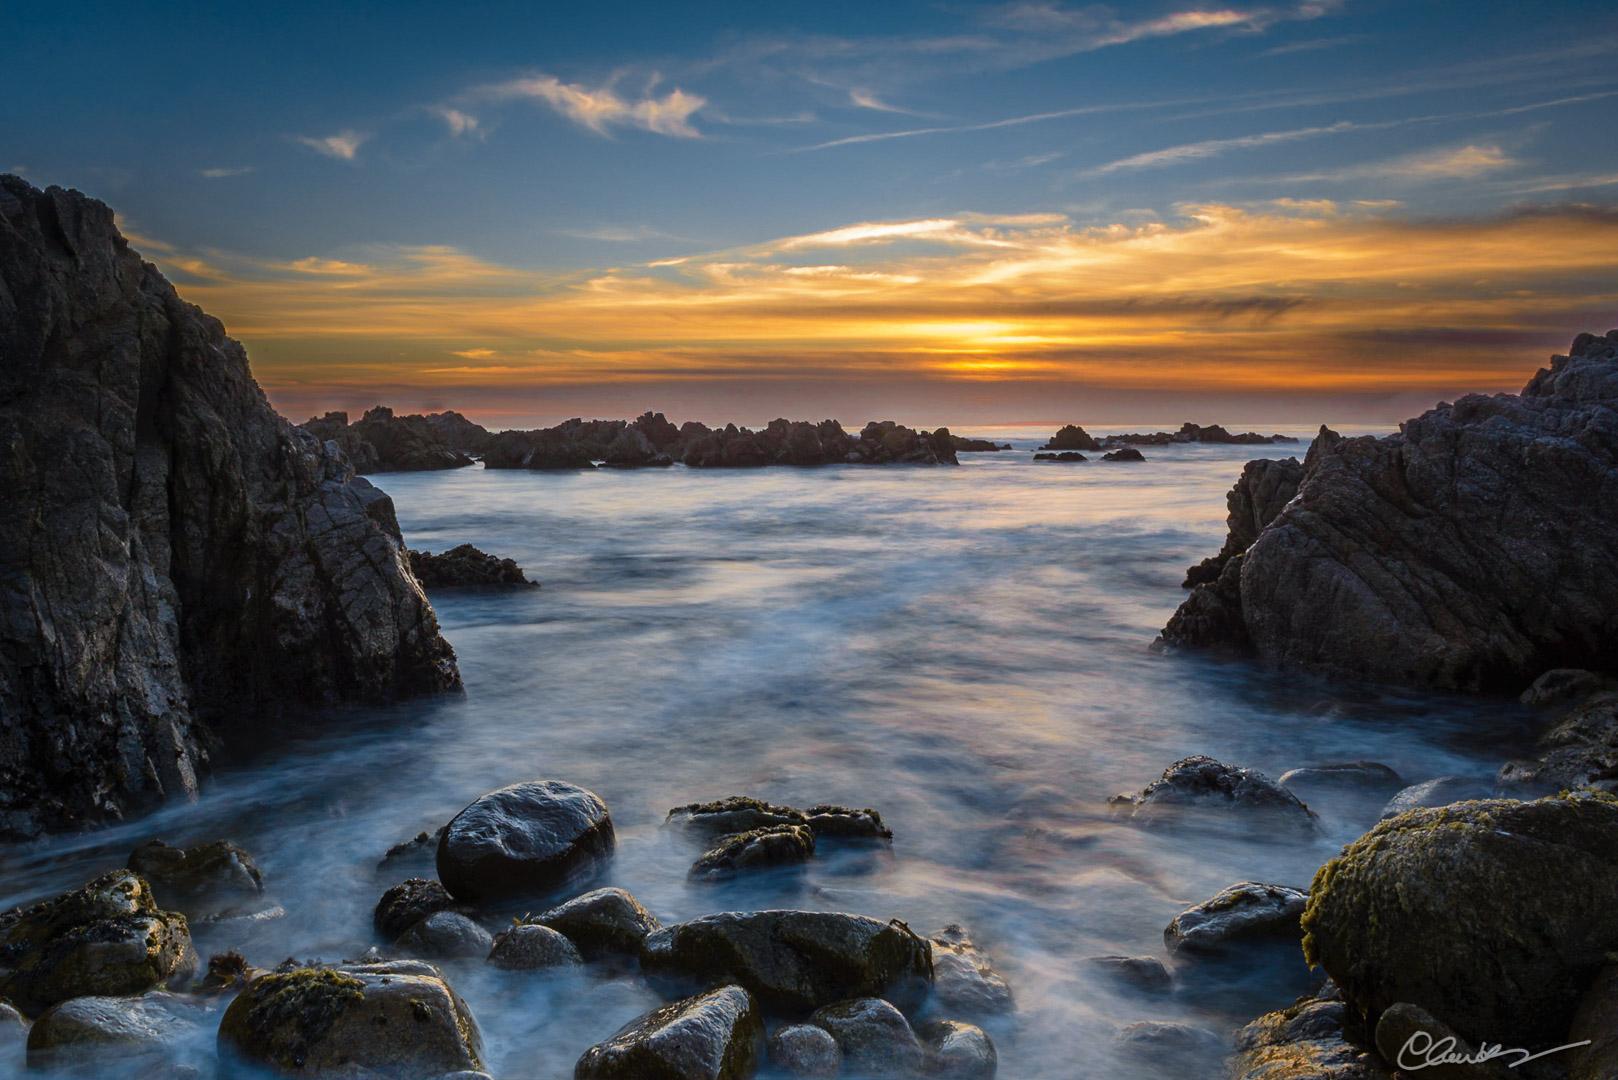 La baie de Montery (Californie) / Monterey Bay (California)